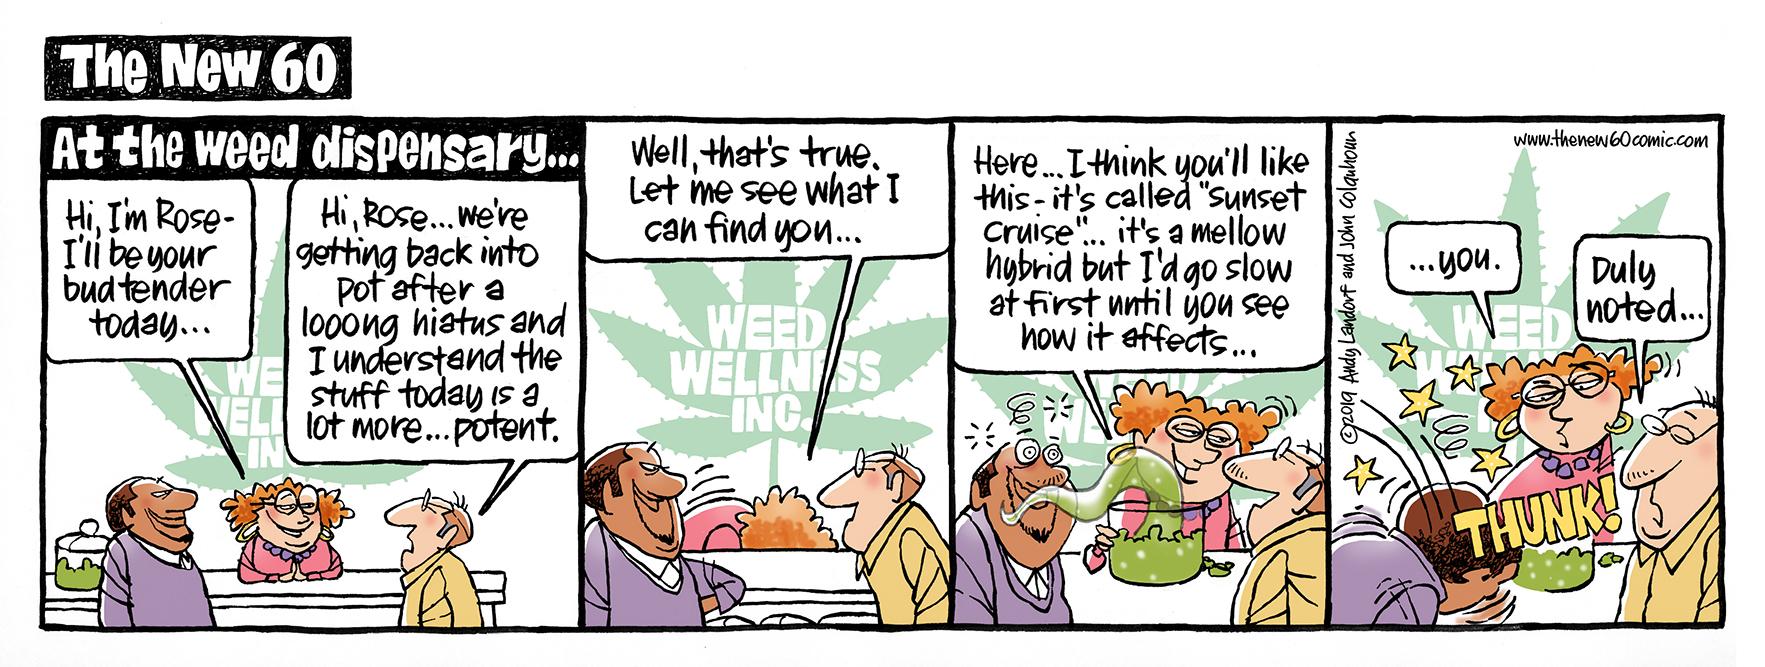 Weed Dispensary.jpg